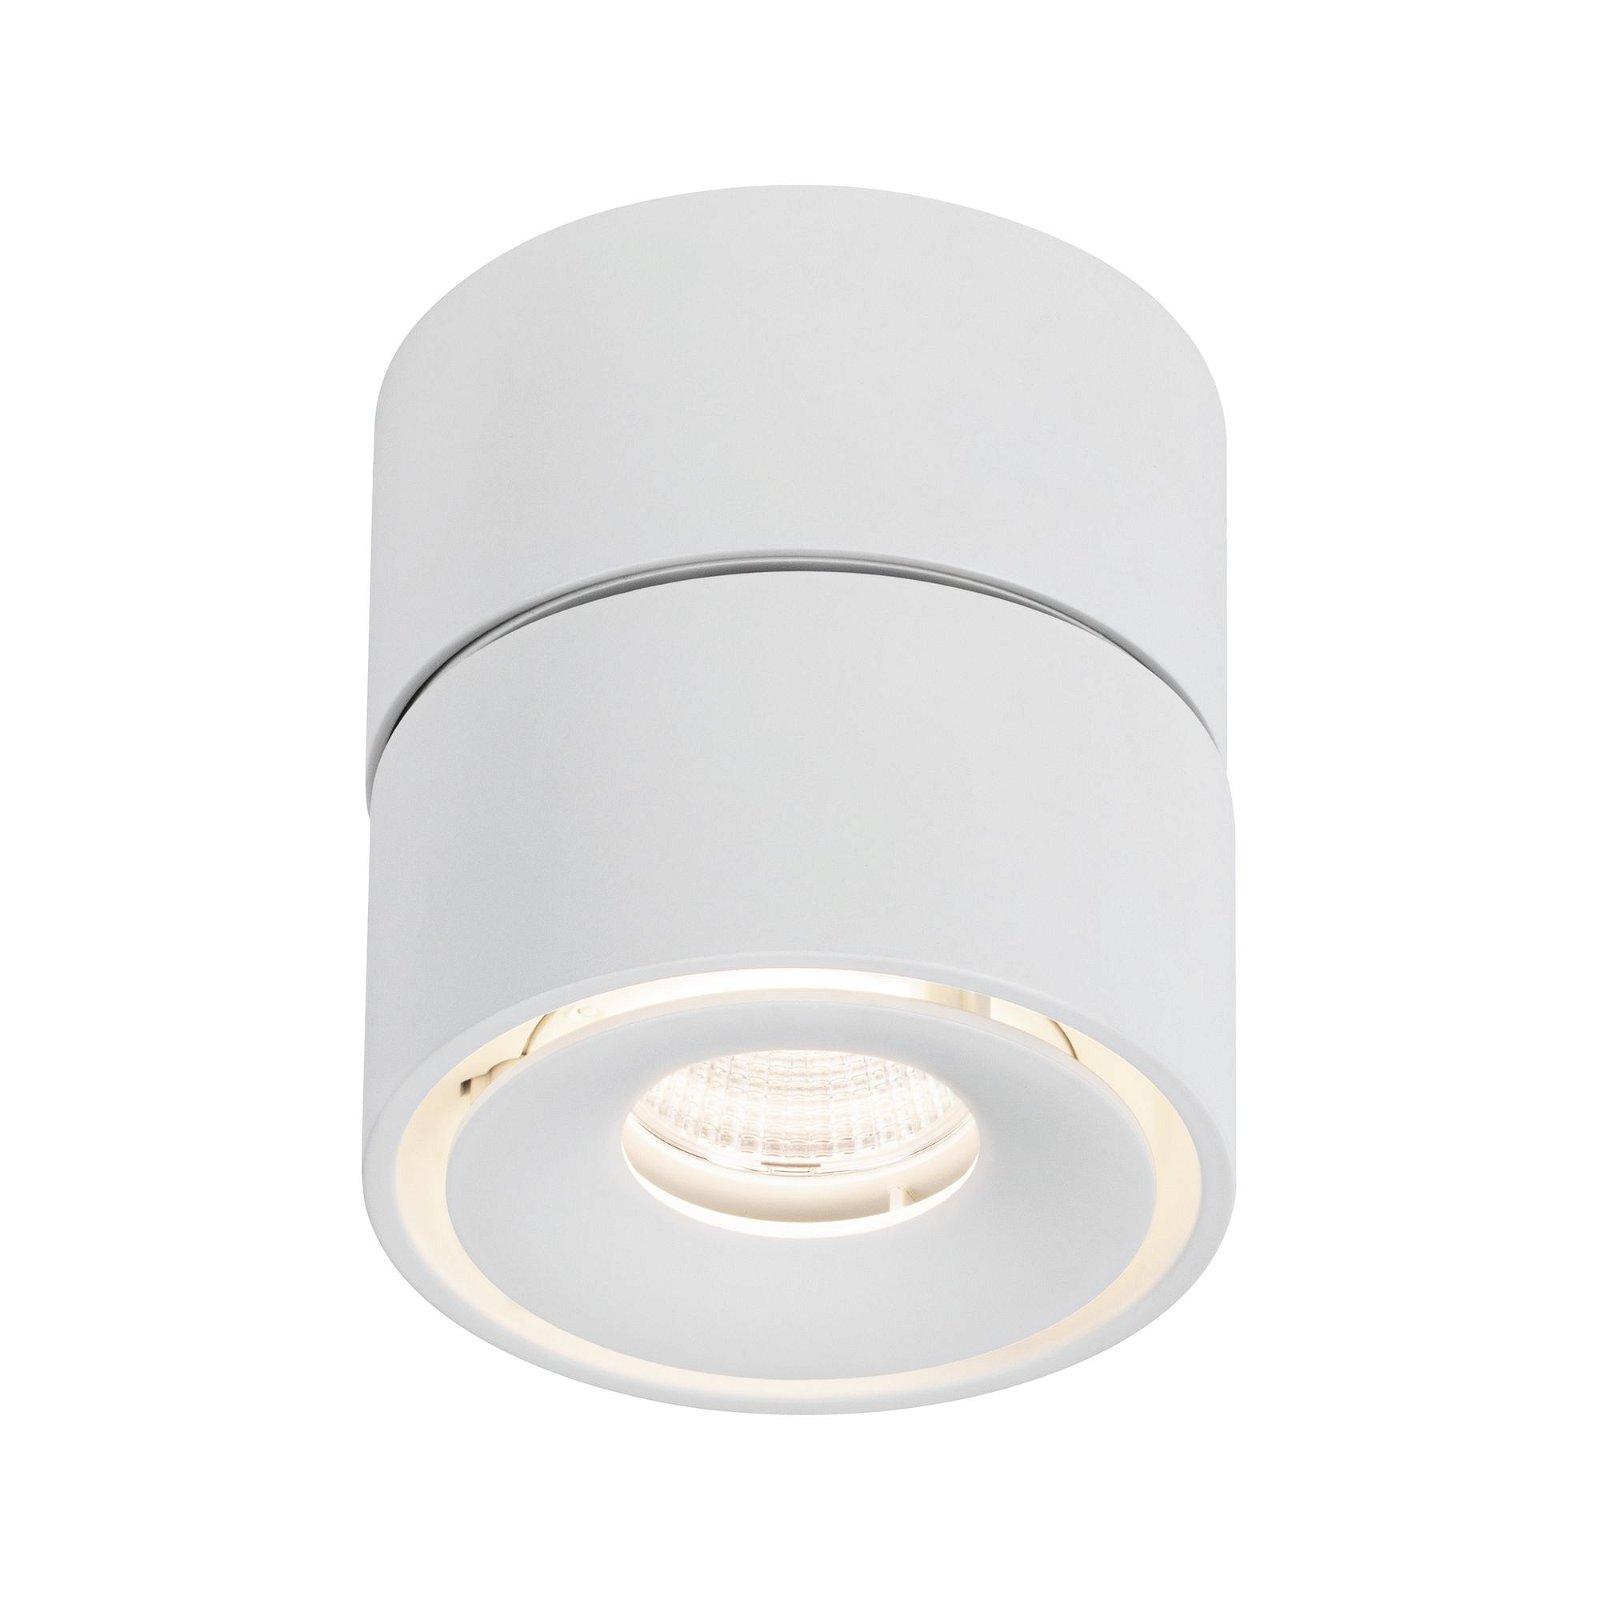 LED Deckenleuchte Spircle 78mm 8,0W 780lm 230V 3000K Weiß matt